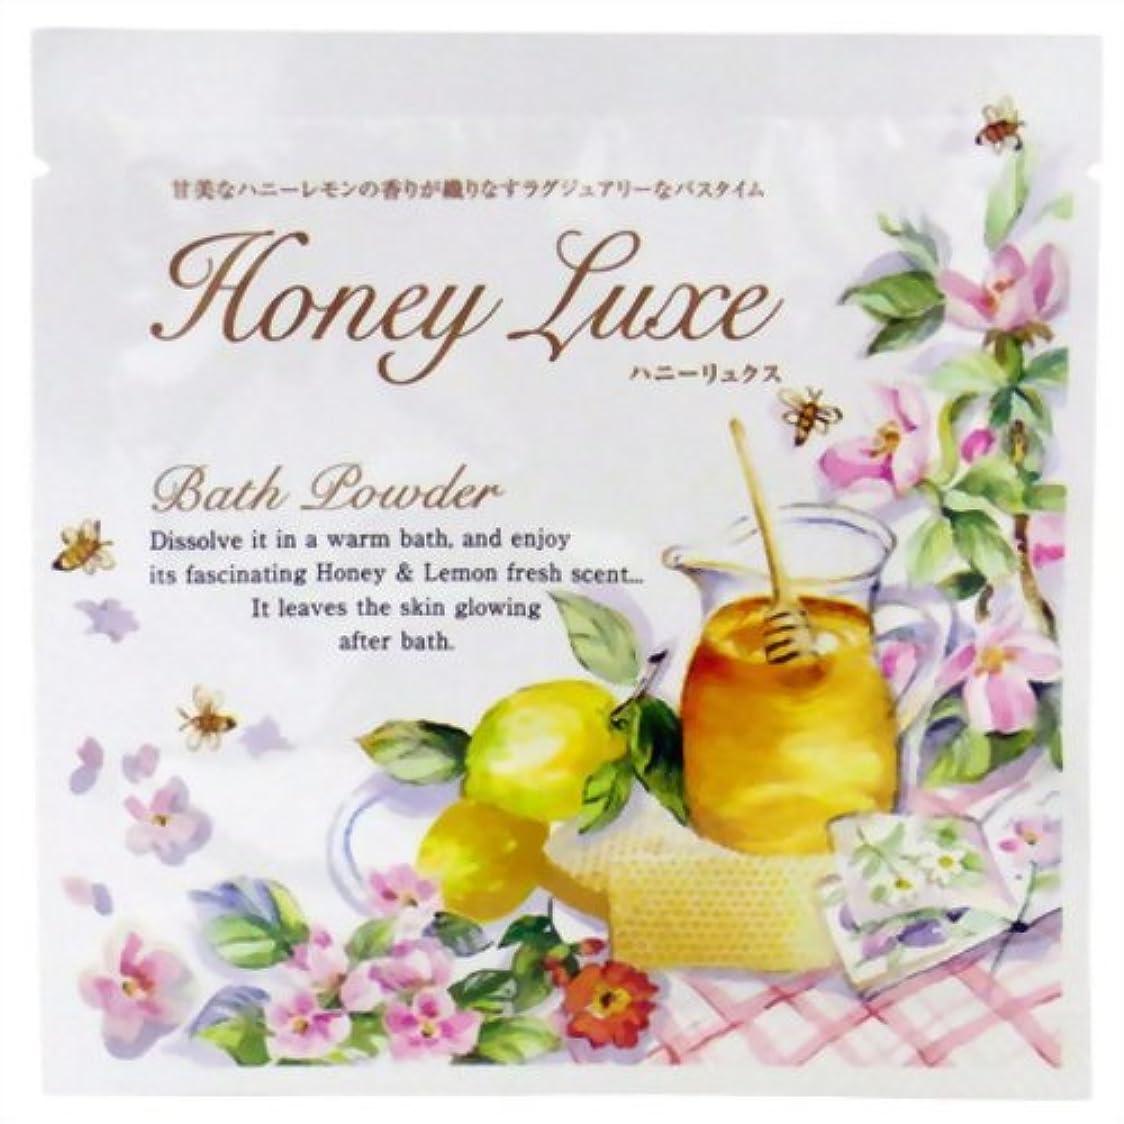 商標処分したであるハニーリュクス バスパウダー 【ハニーレモンの香り】 (40g)